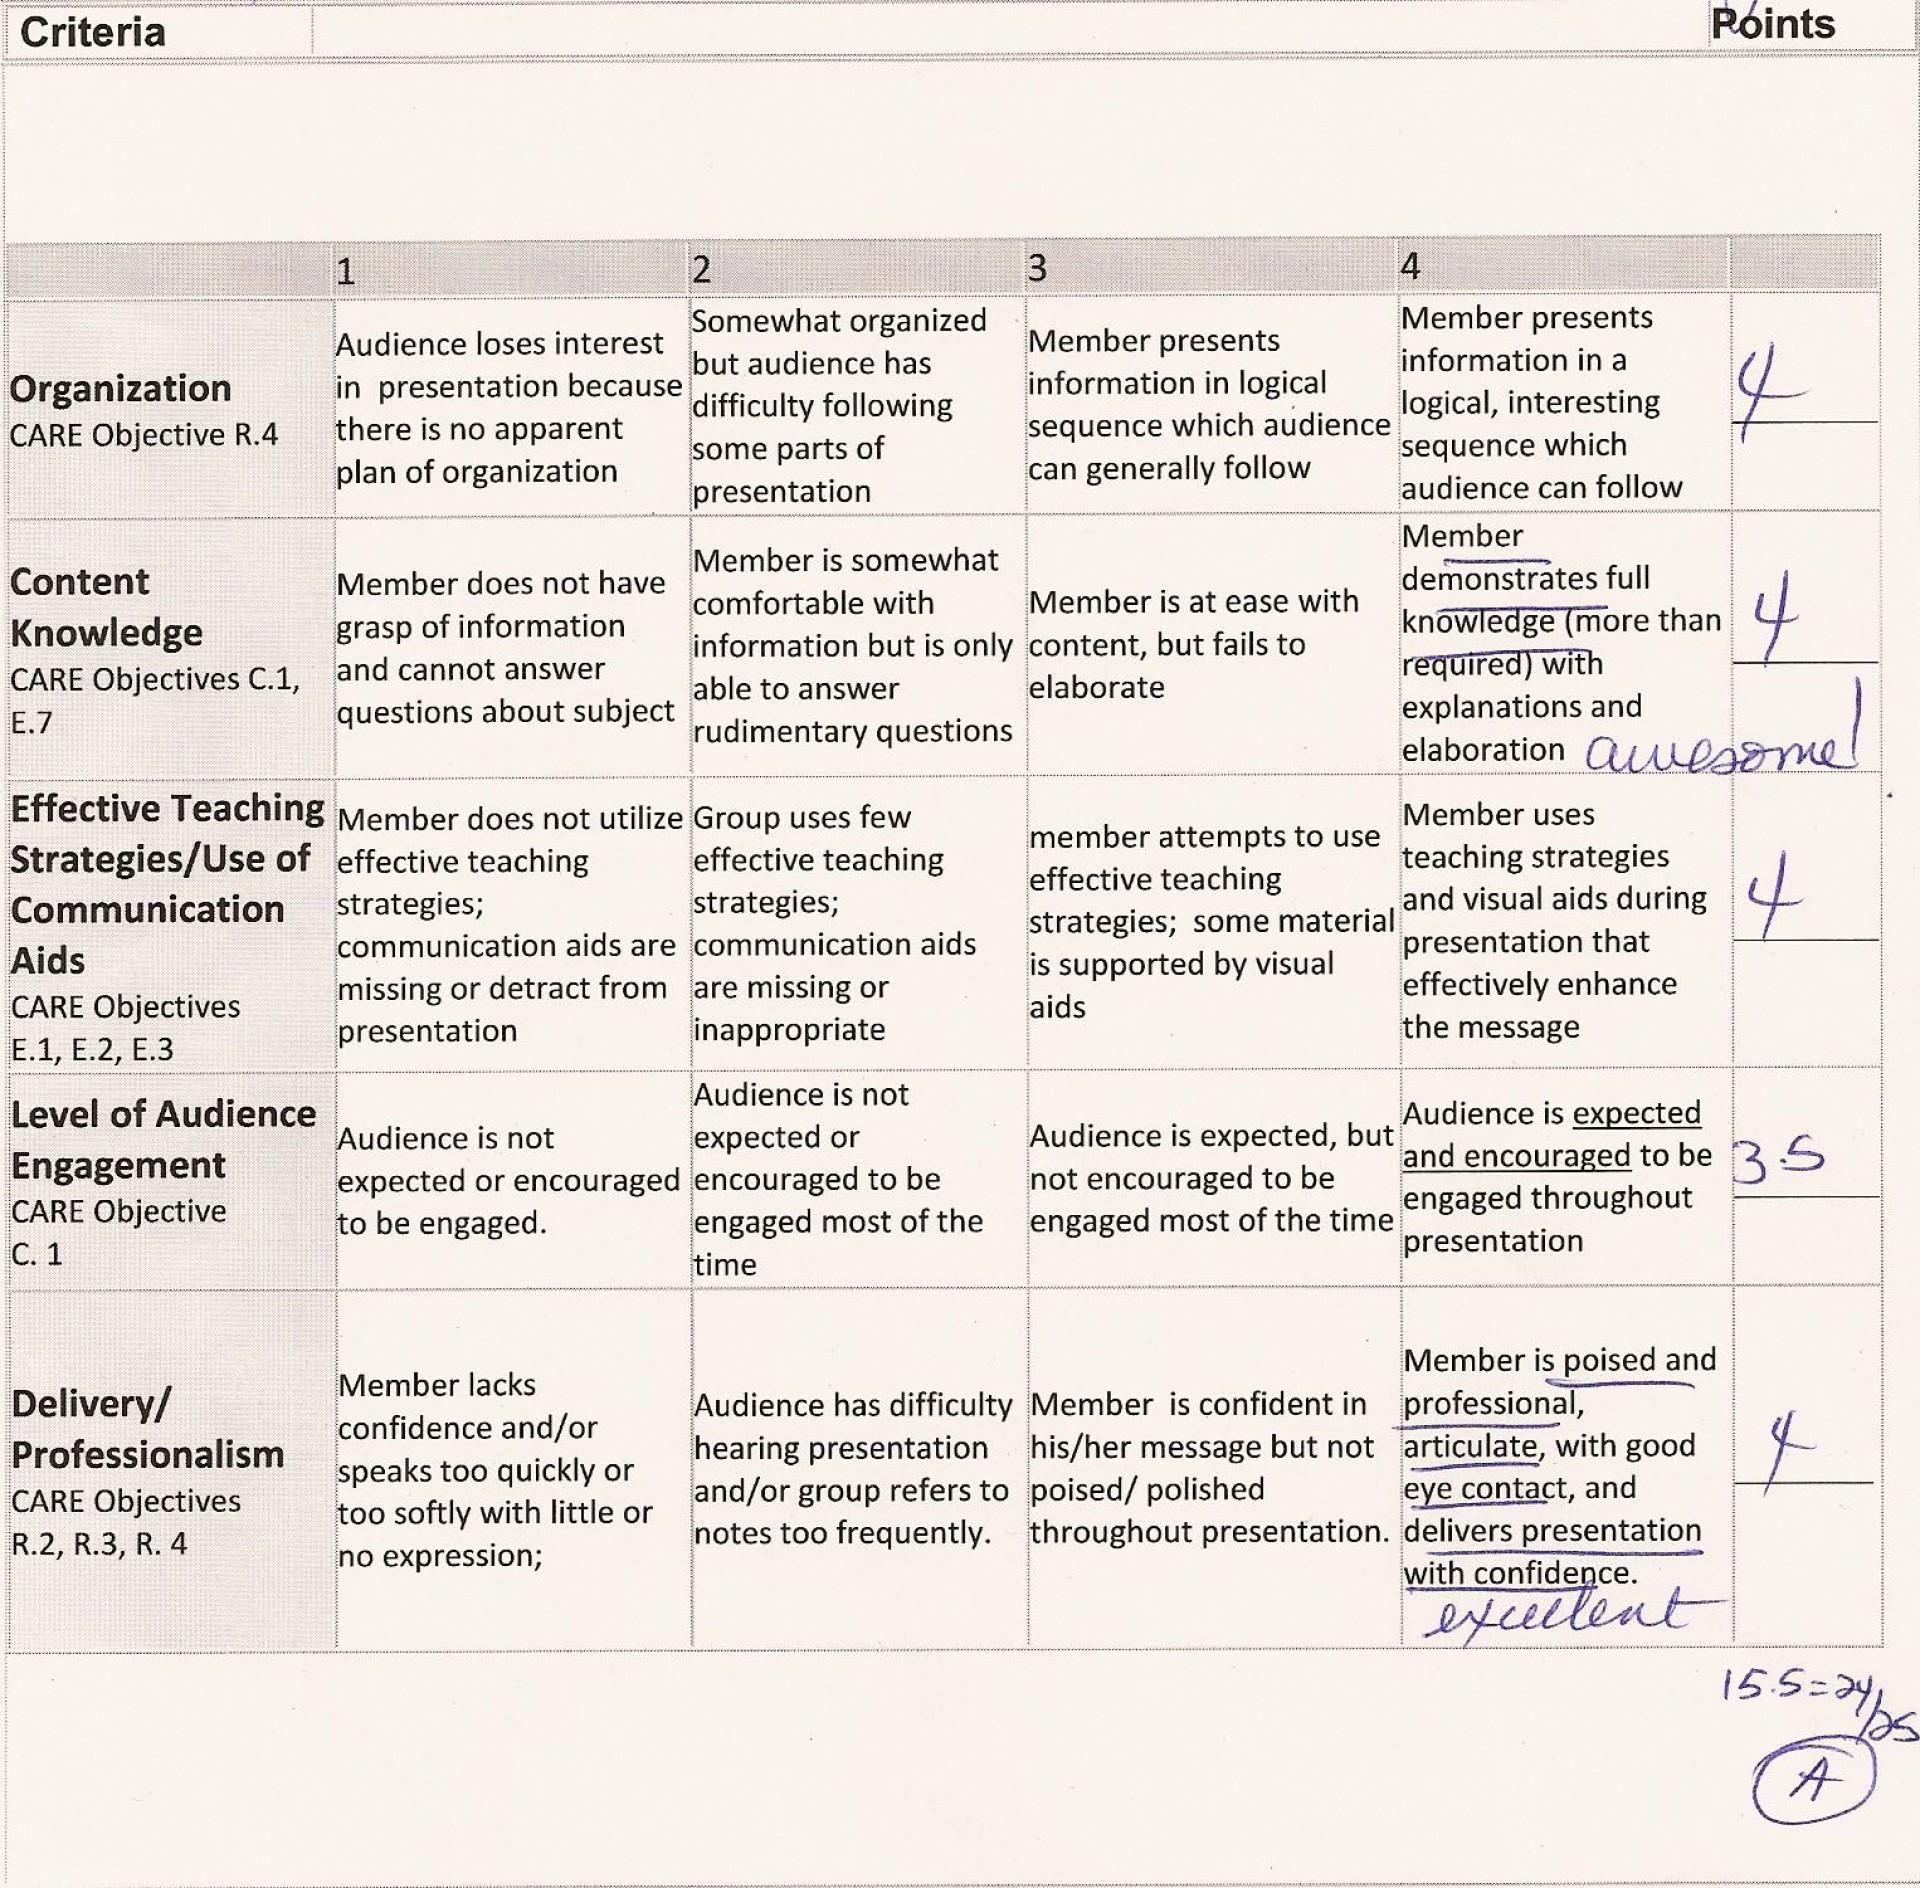 018 Professionalism Essay Sensational Pdf Conclusion Teacher 1920